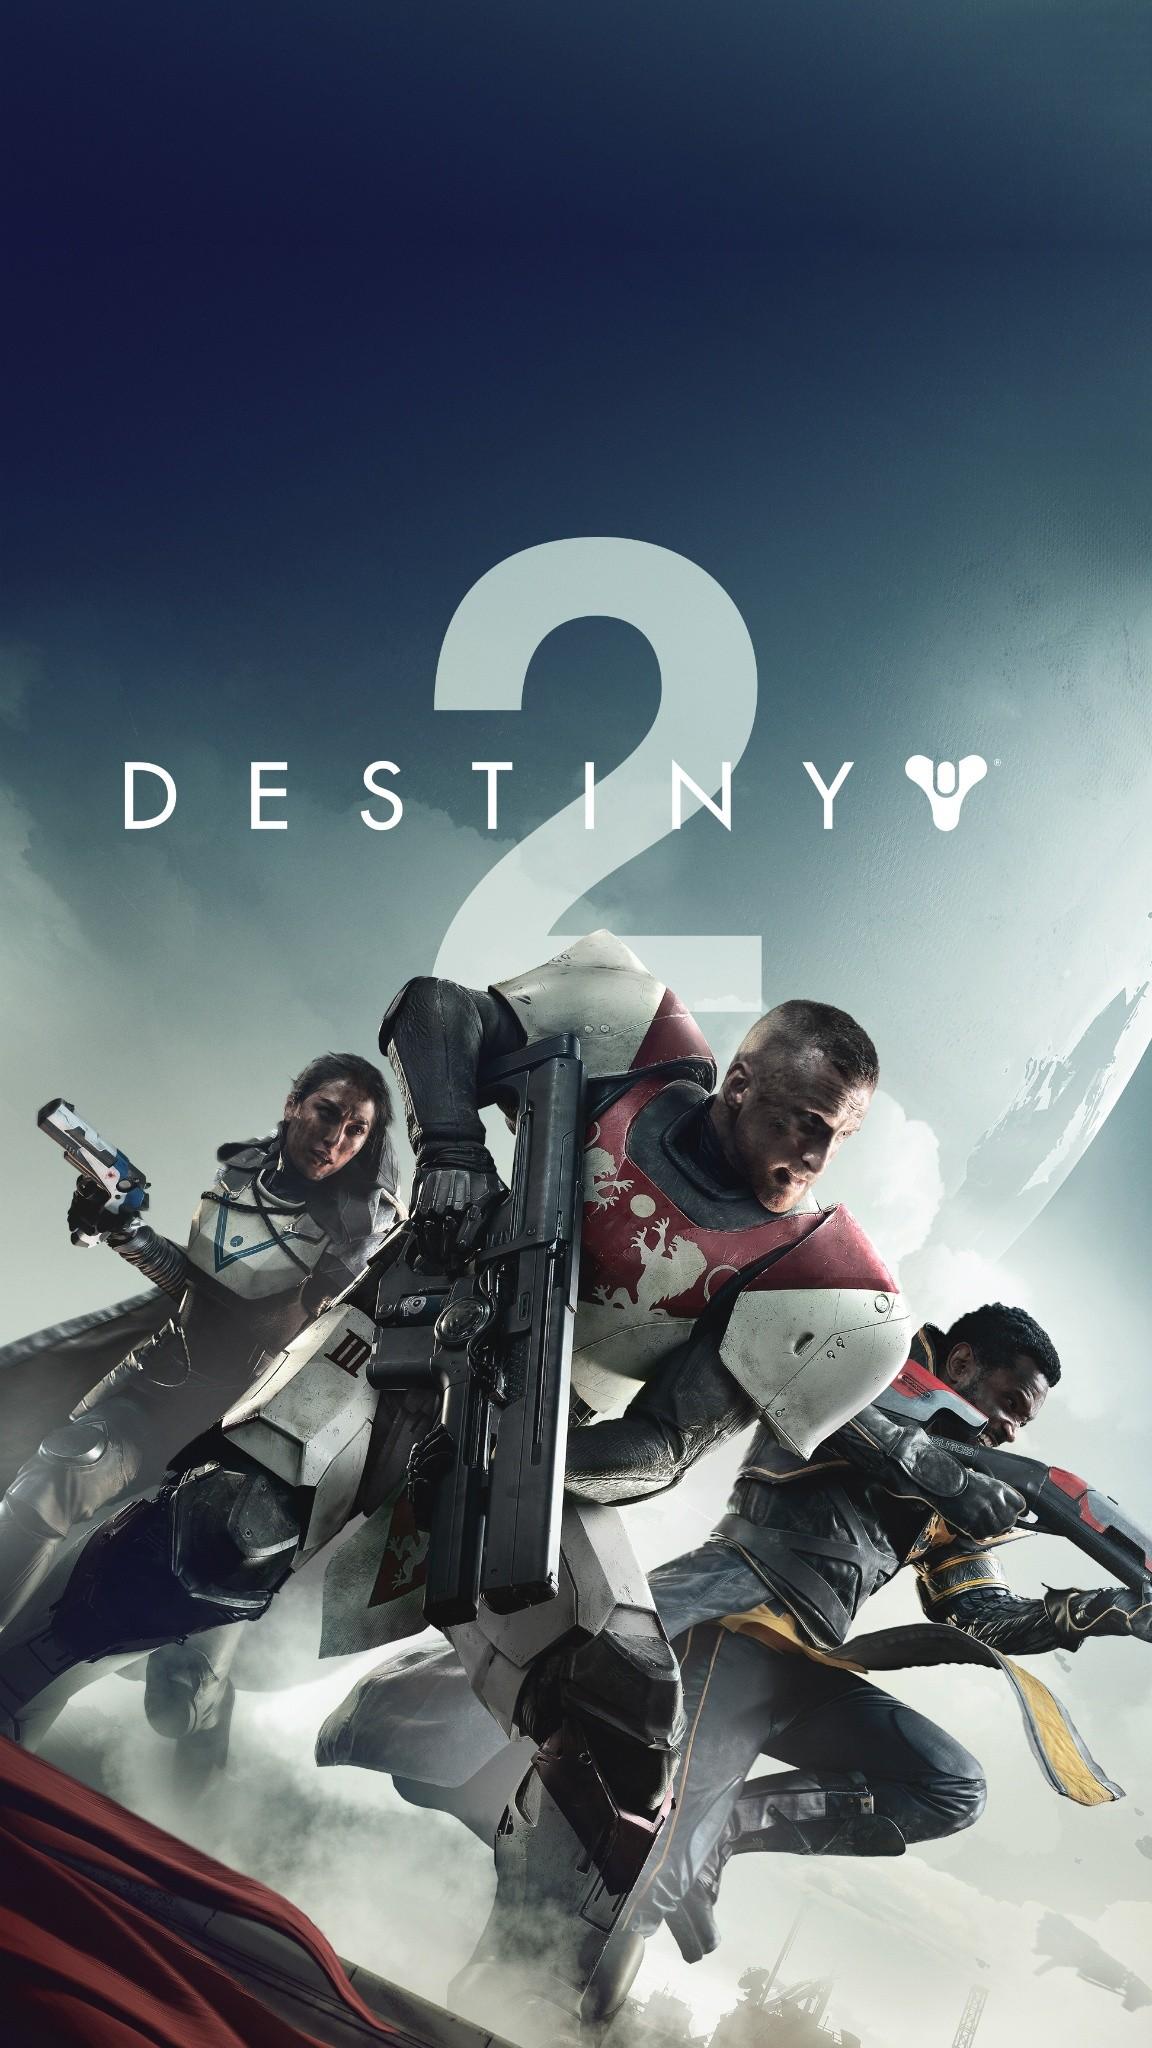 Destiny 2 iPhone wallpaper